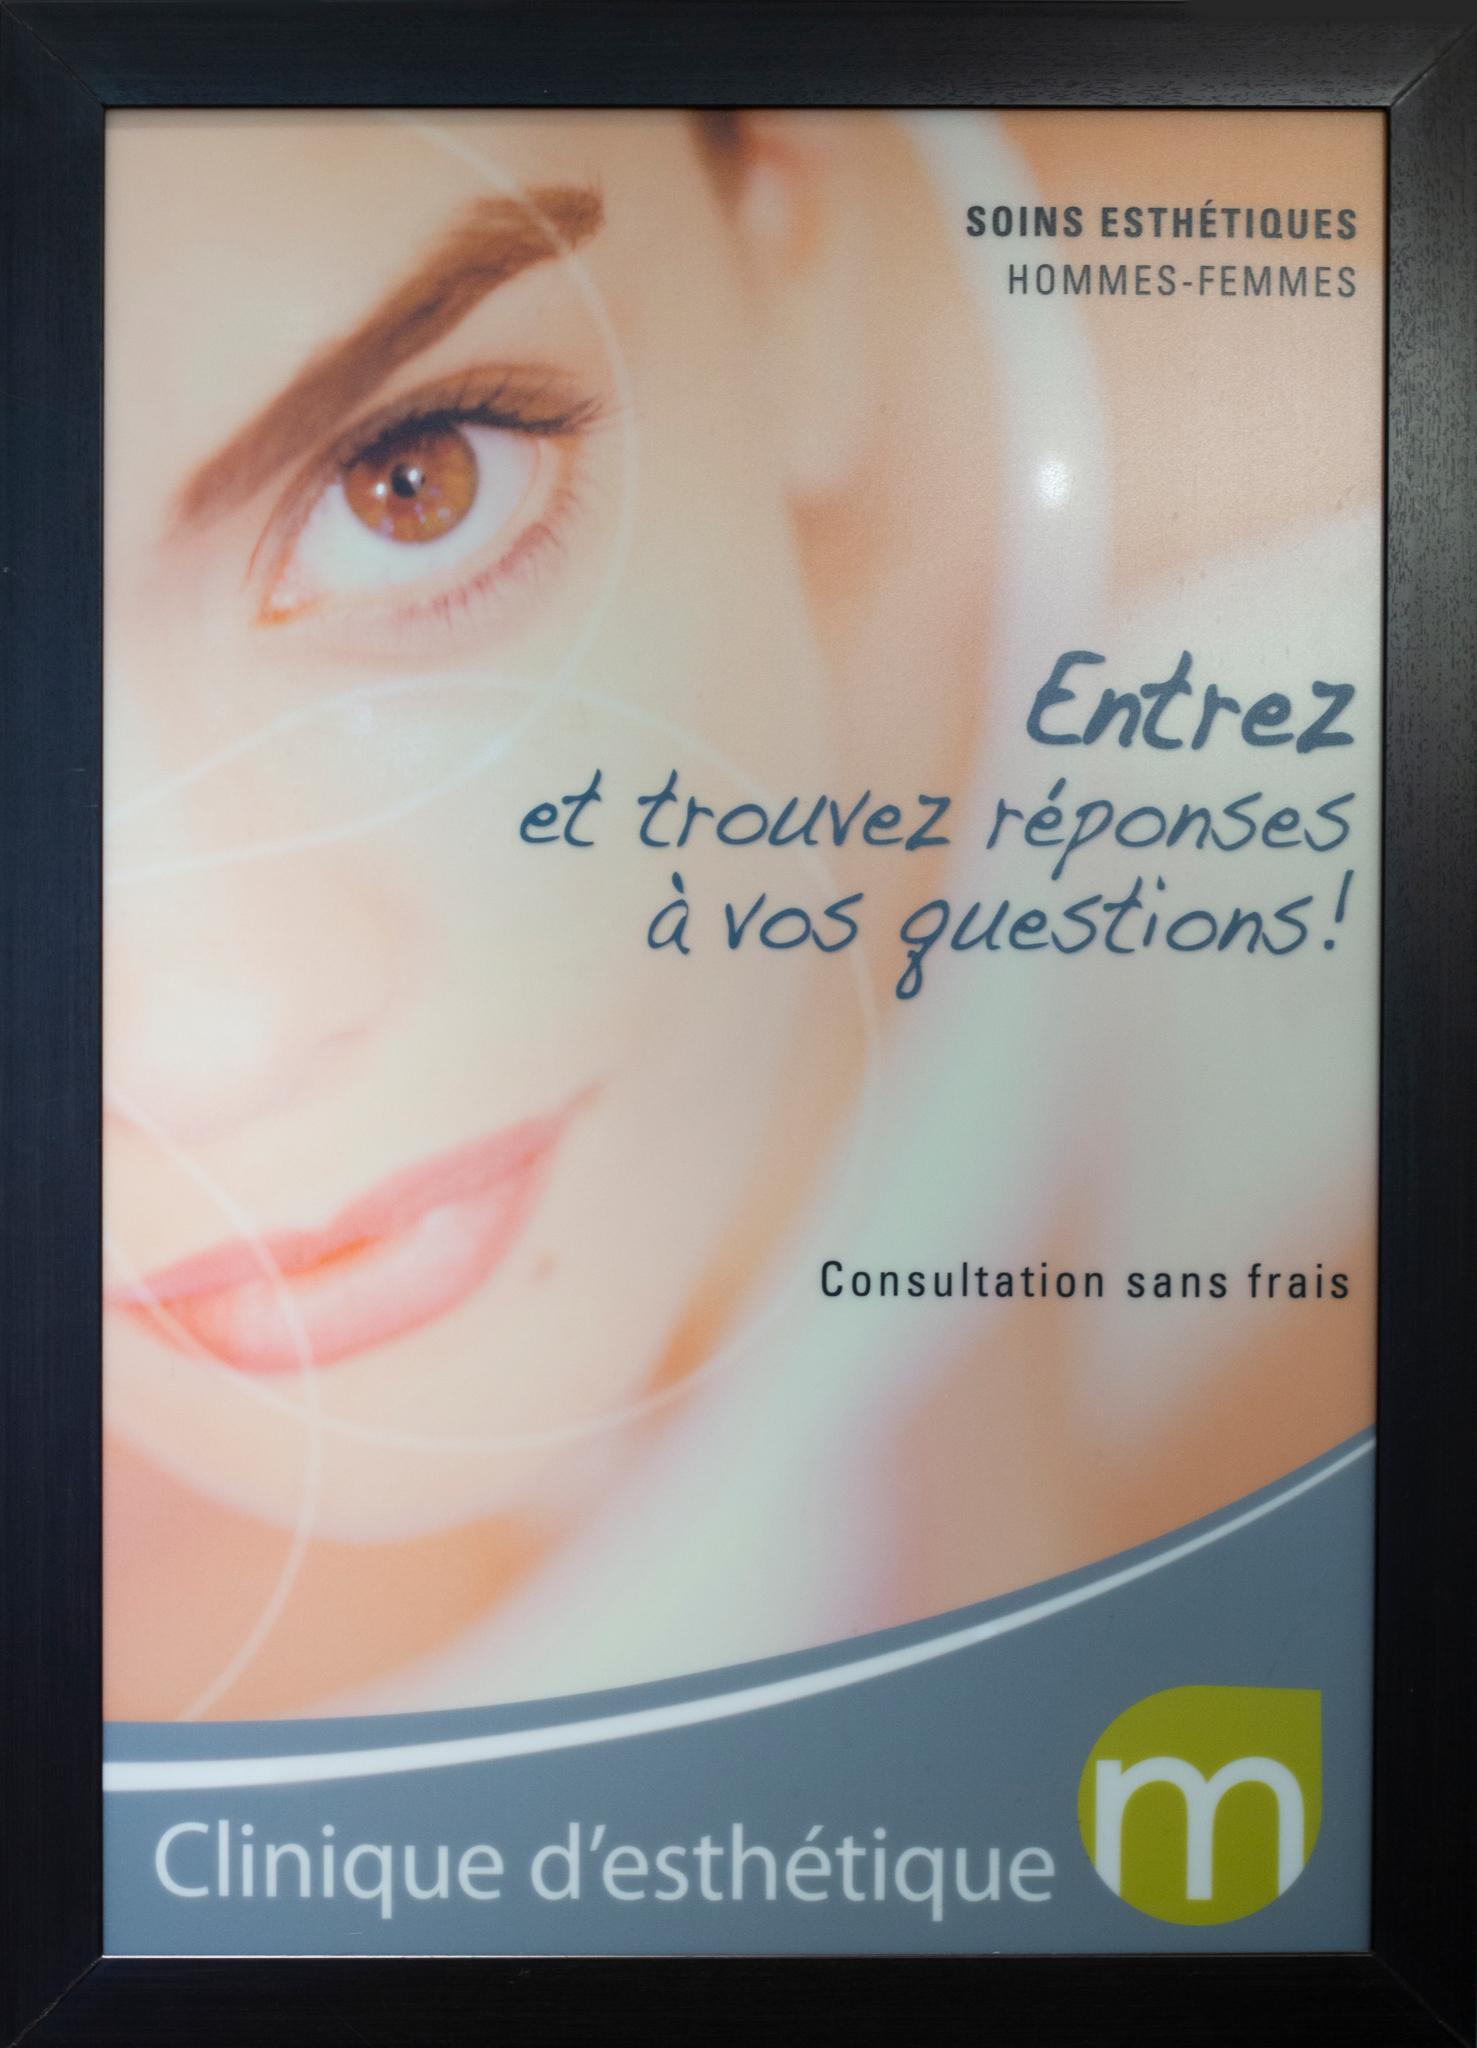 Clinique d'esthétique m à Laval